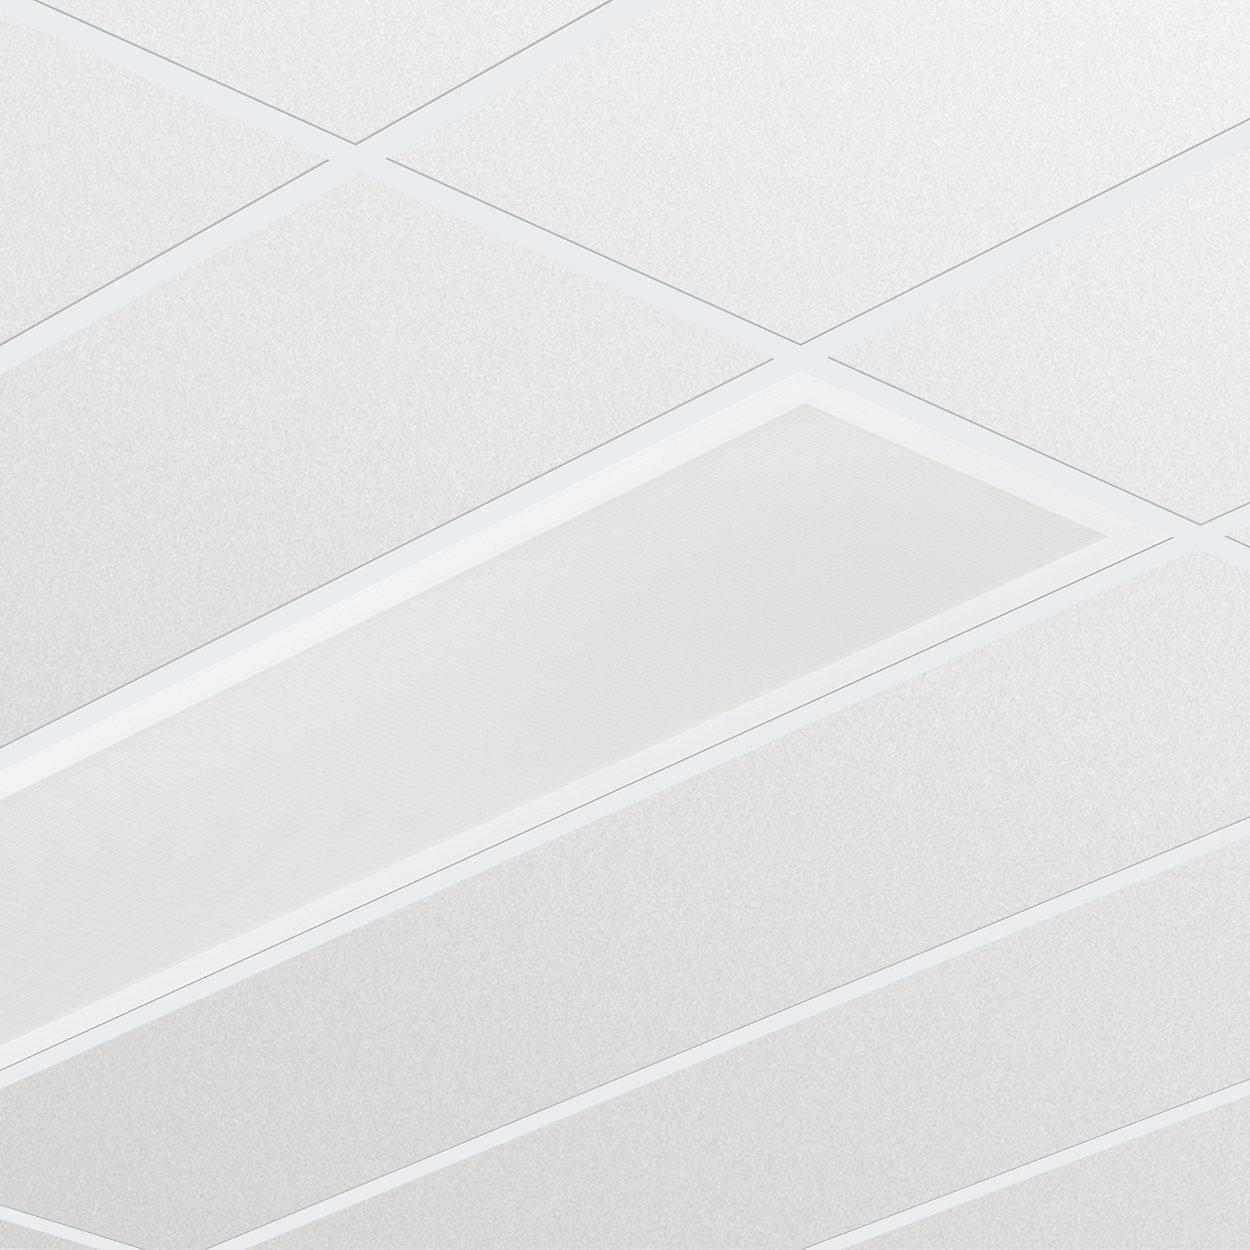 Obdĺžnikové svietidlo SlimBlend – vysoký výkon, pokročilé ovládanie